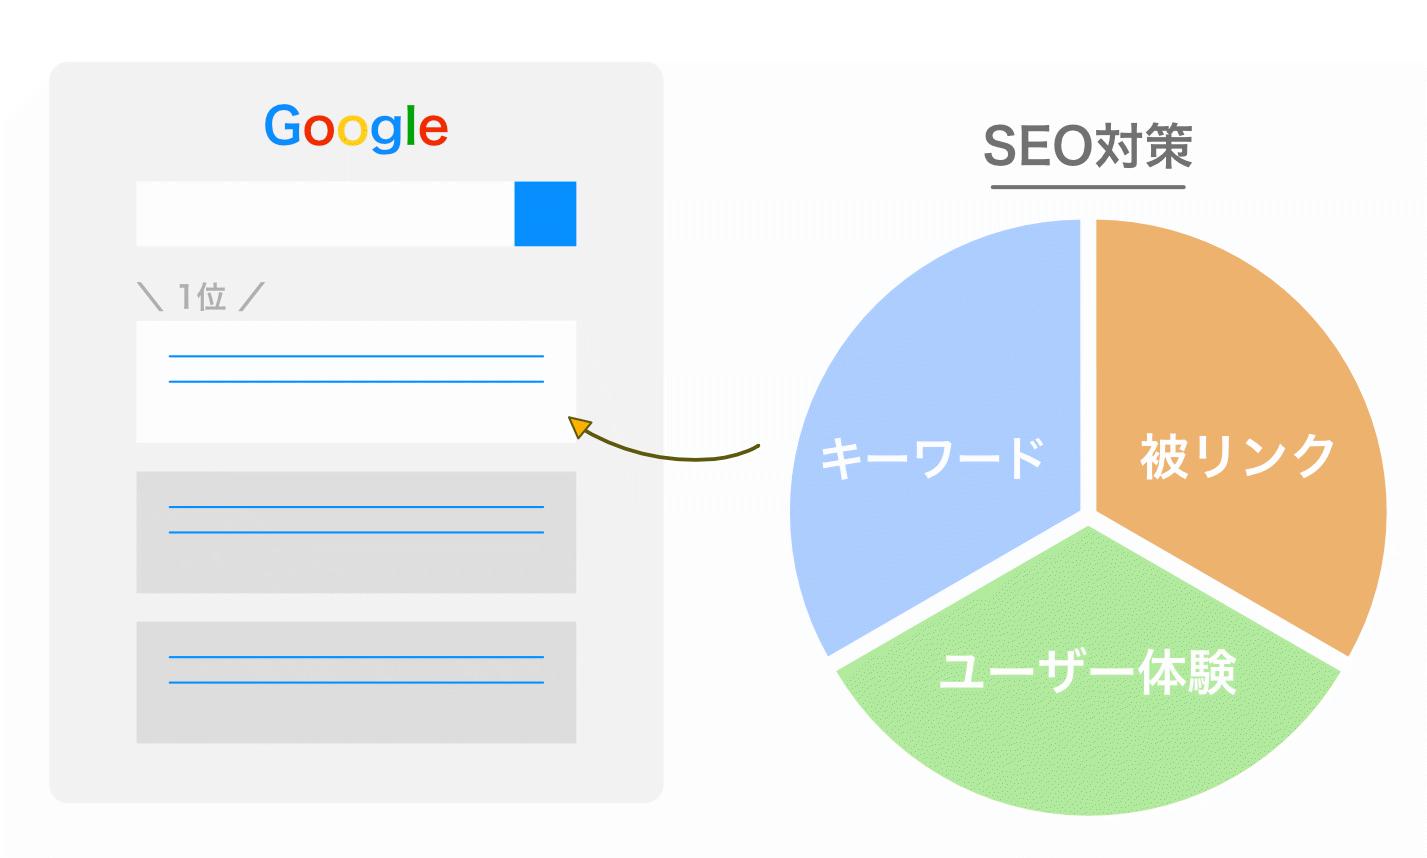 SEO対策の図